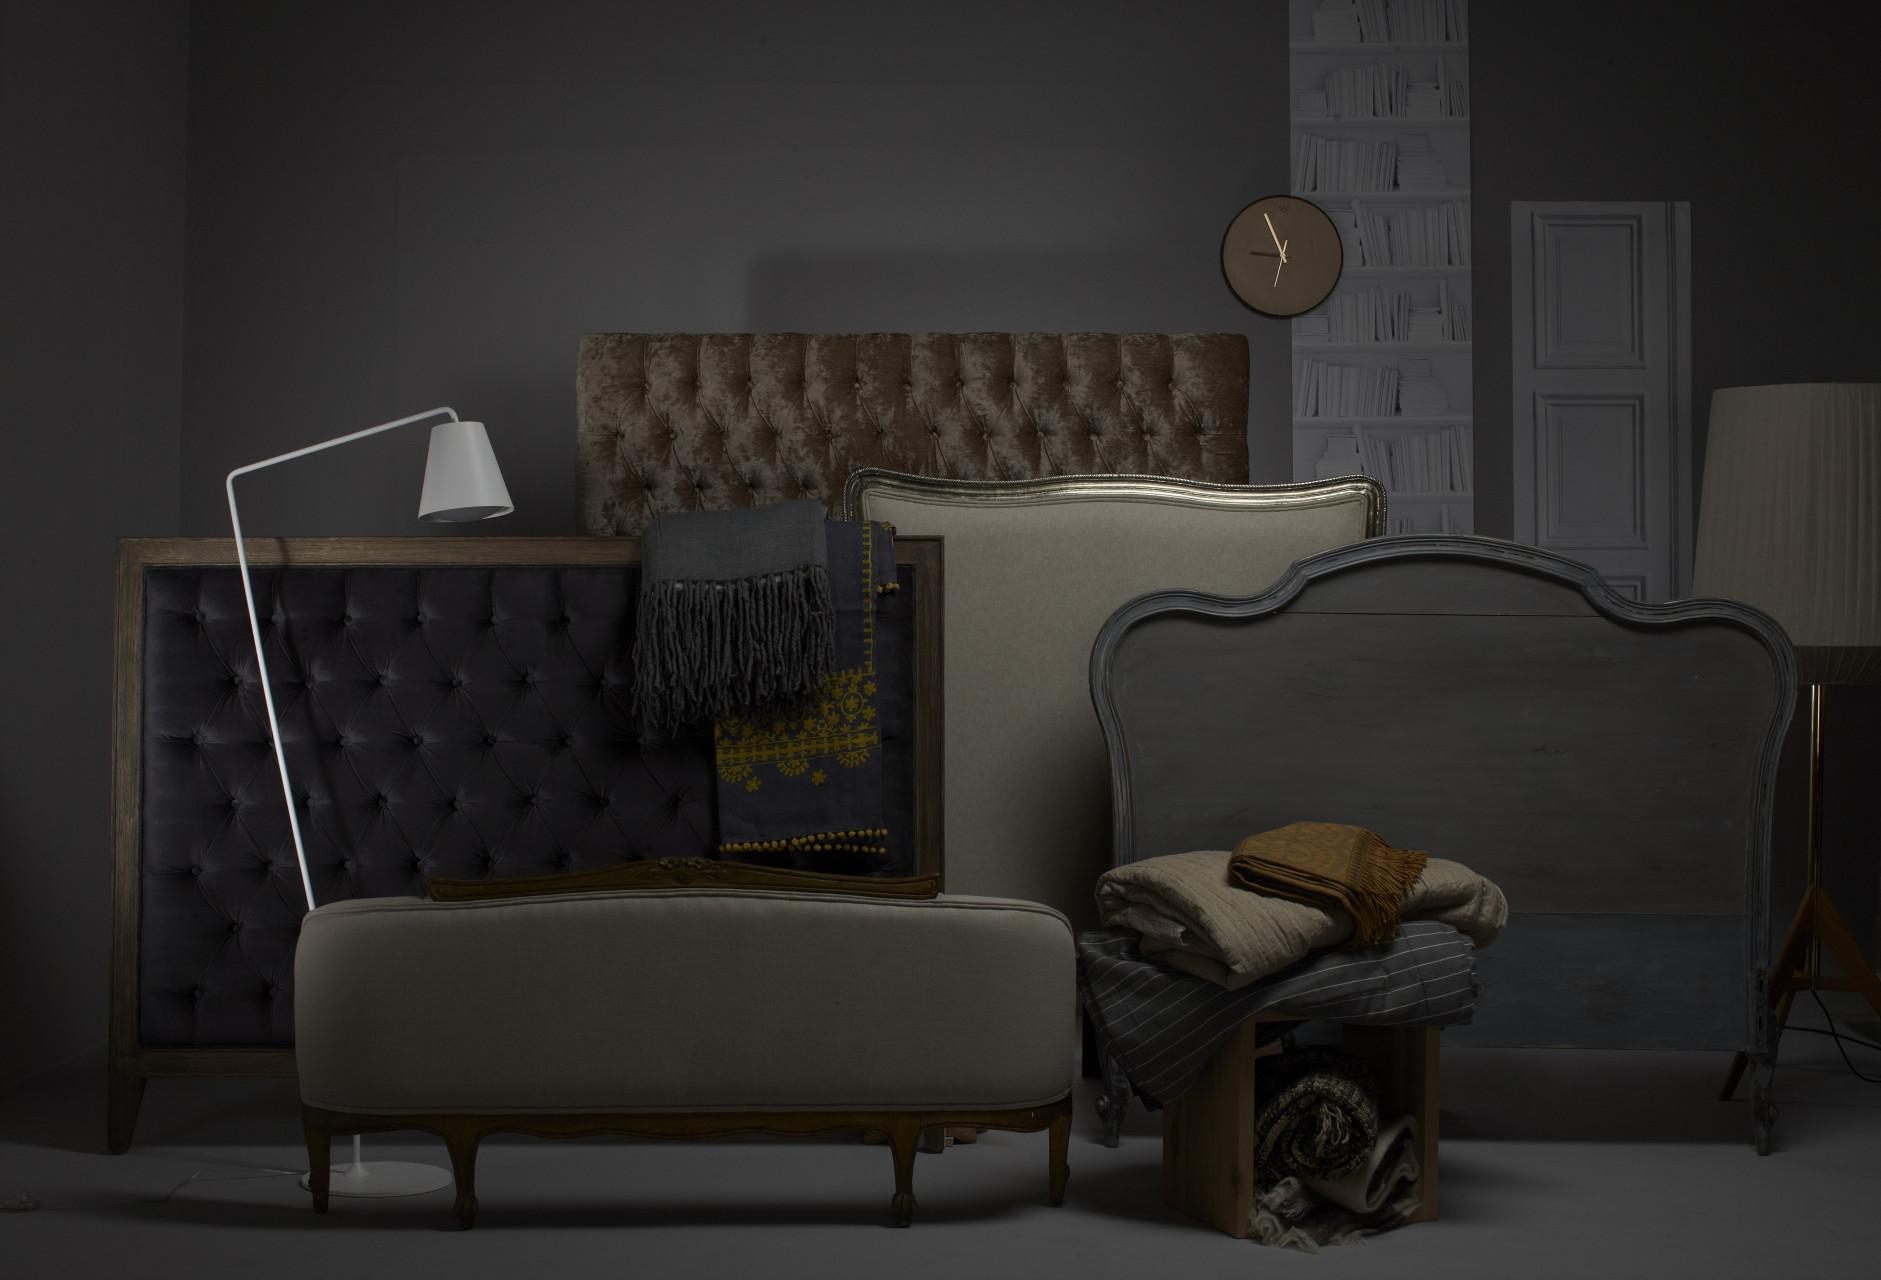 039 Elle decor beds 2468 1